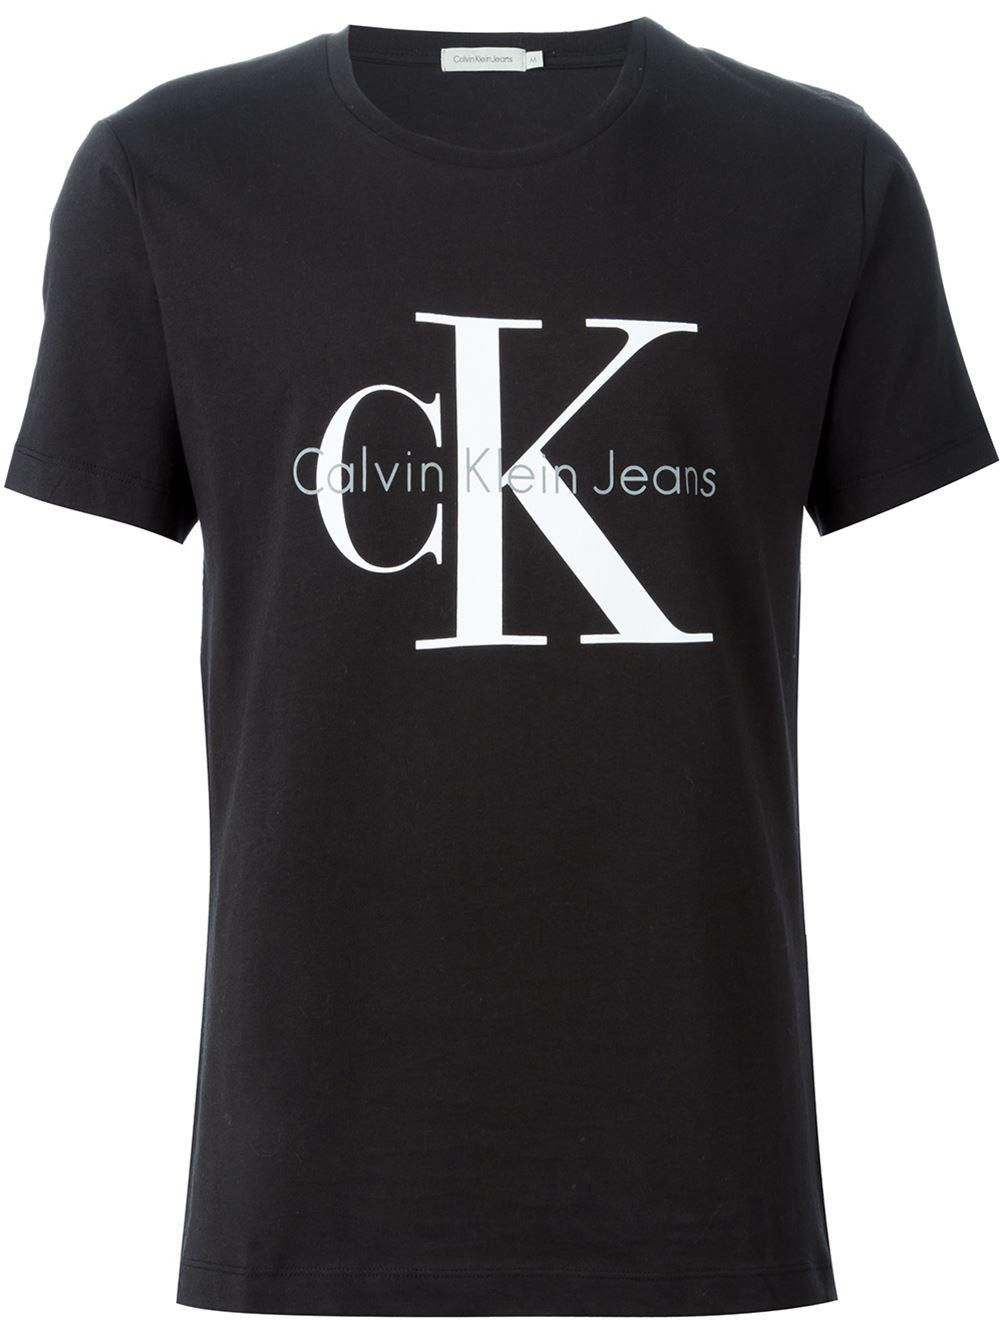 Lyst calvin klein jeans logo print t shirt in black for men for Print logo on shirt